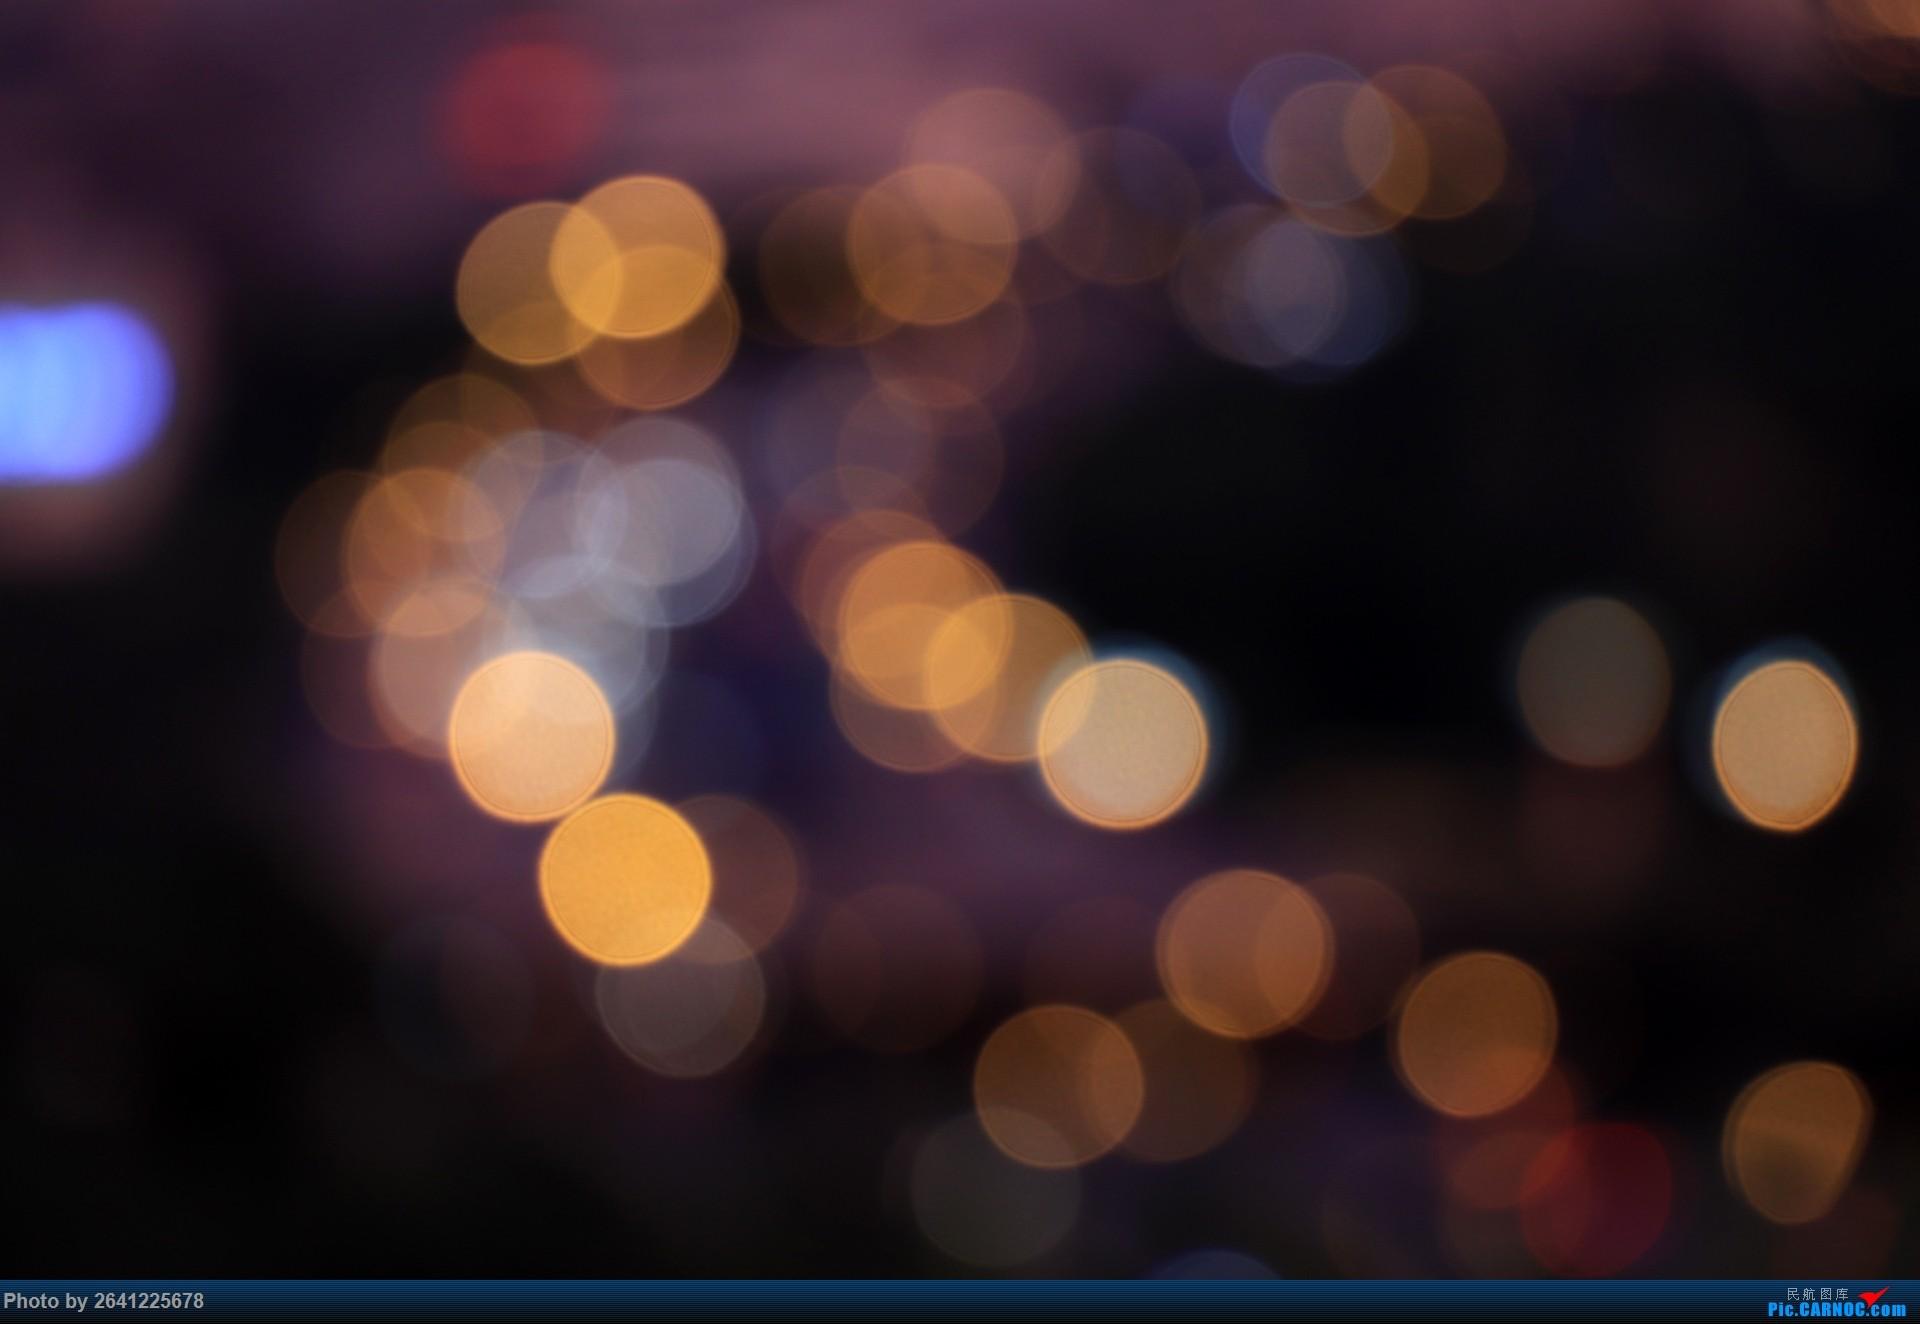 Re:[原创]【小周游记第7集】初识新疆 | 美图po~ 穿越准噶尔盆地以及翠绿富饶的阿勒泰,北疆小环线8日(附国航772初体验)更新至喀纳斯部分